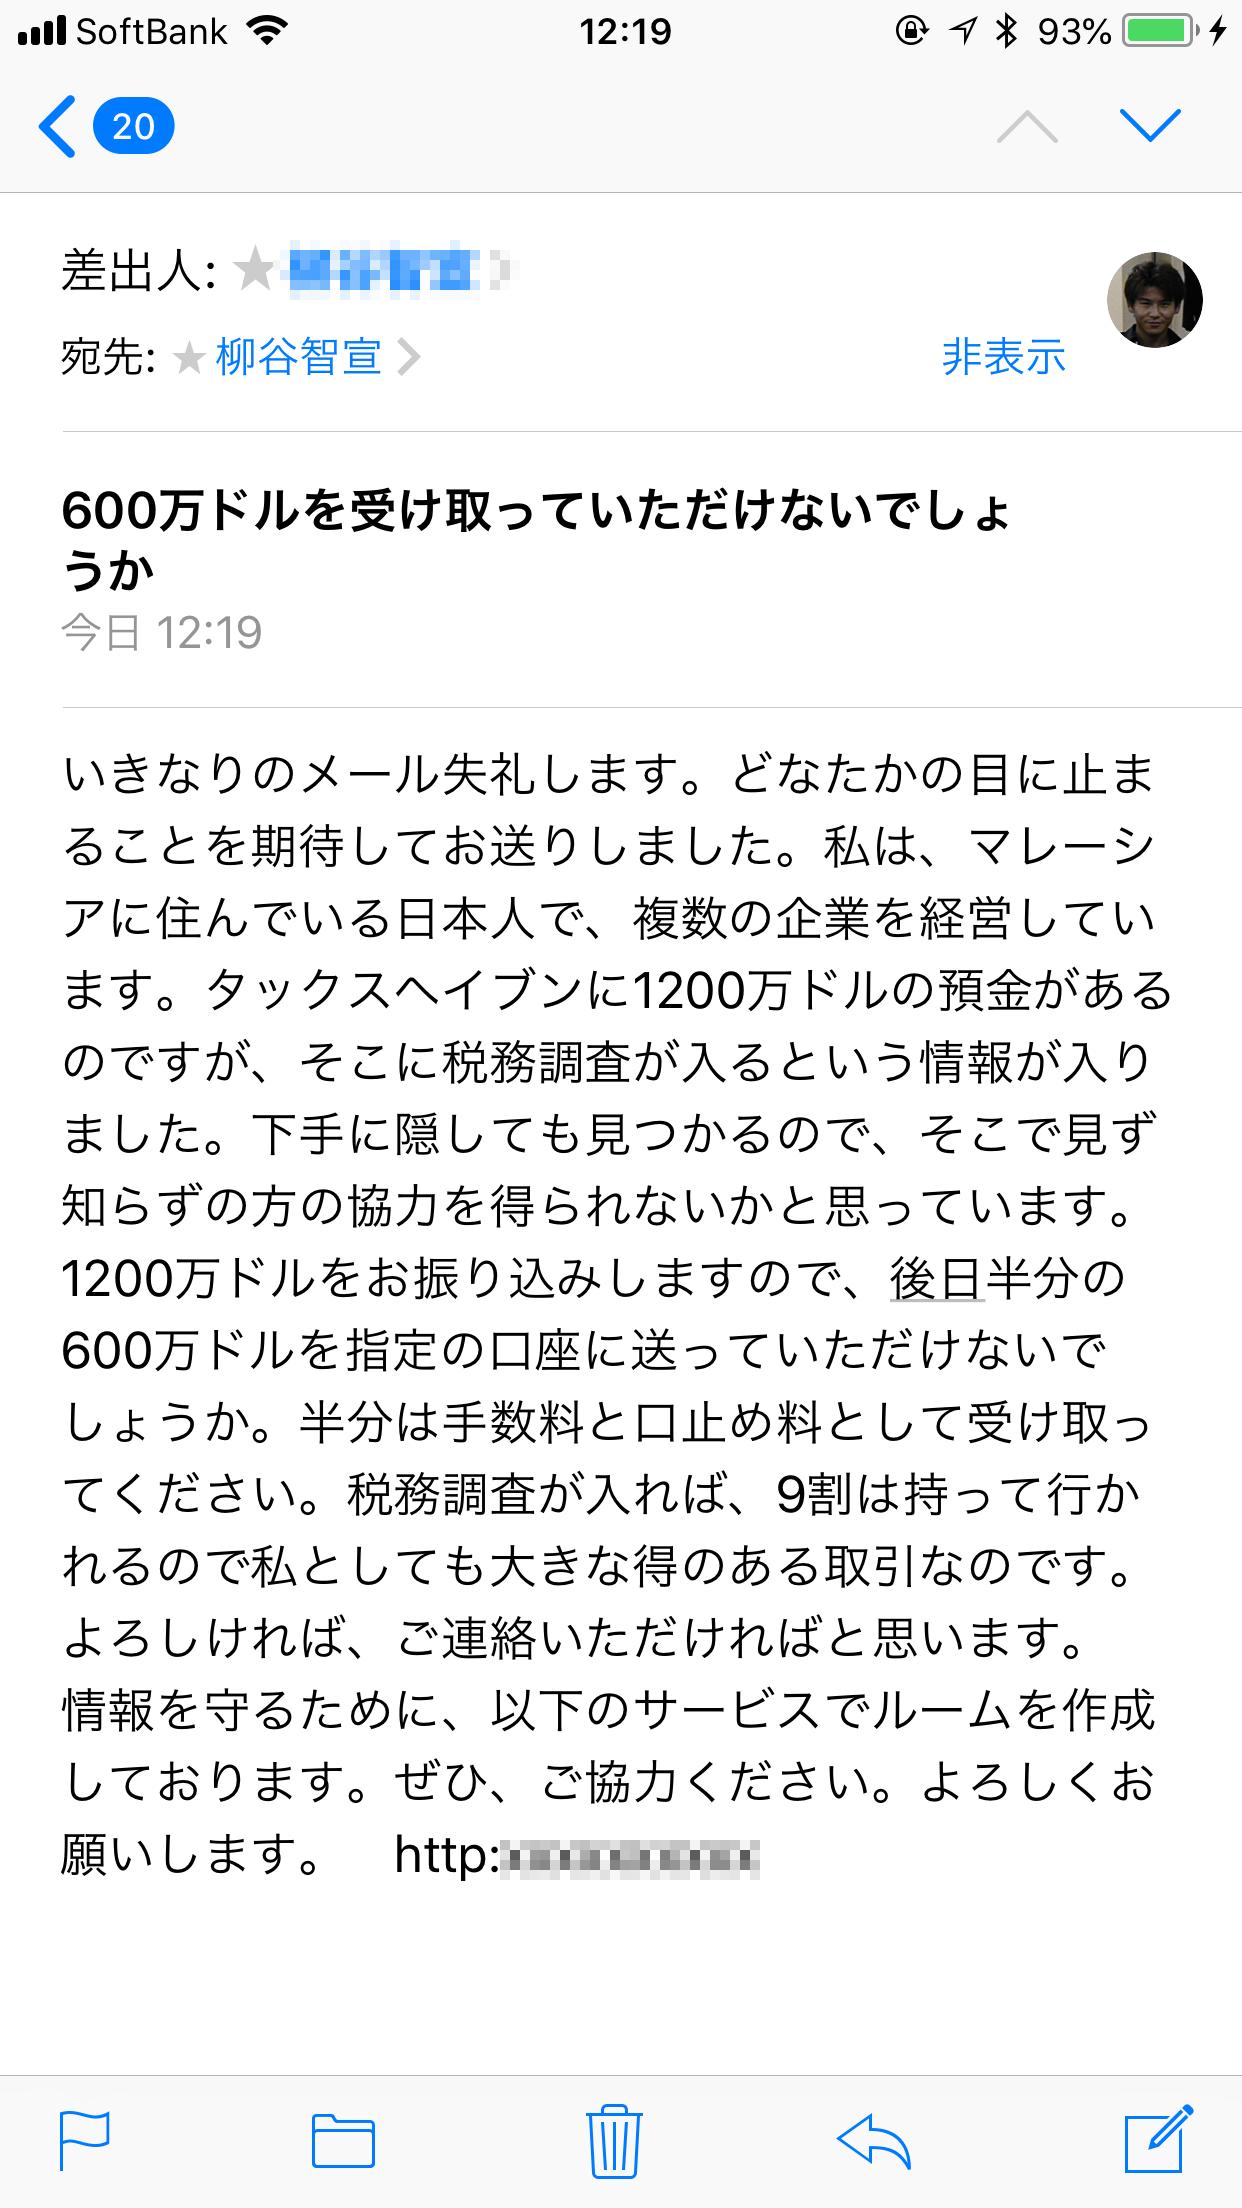 「数億円を受け取ってください」と、あり得ない話をフックに巧妙に詐欺に巻き込んでいきます